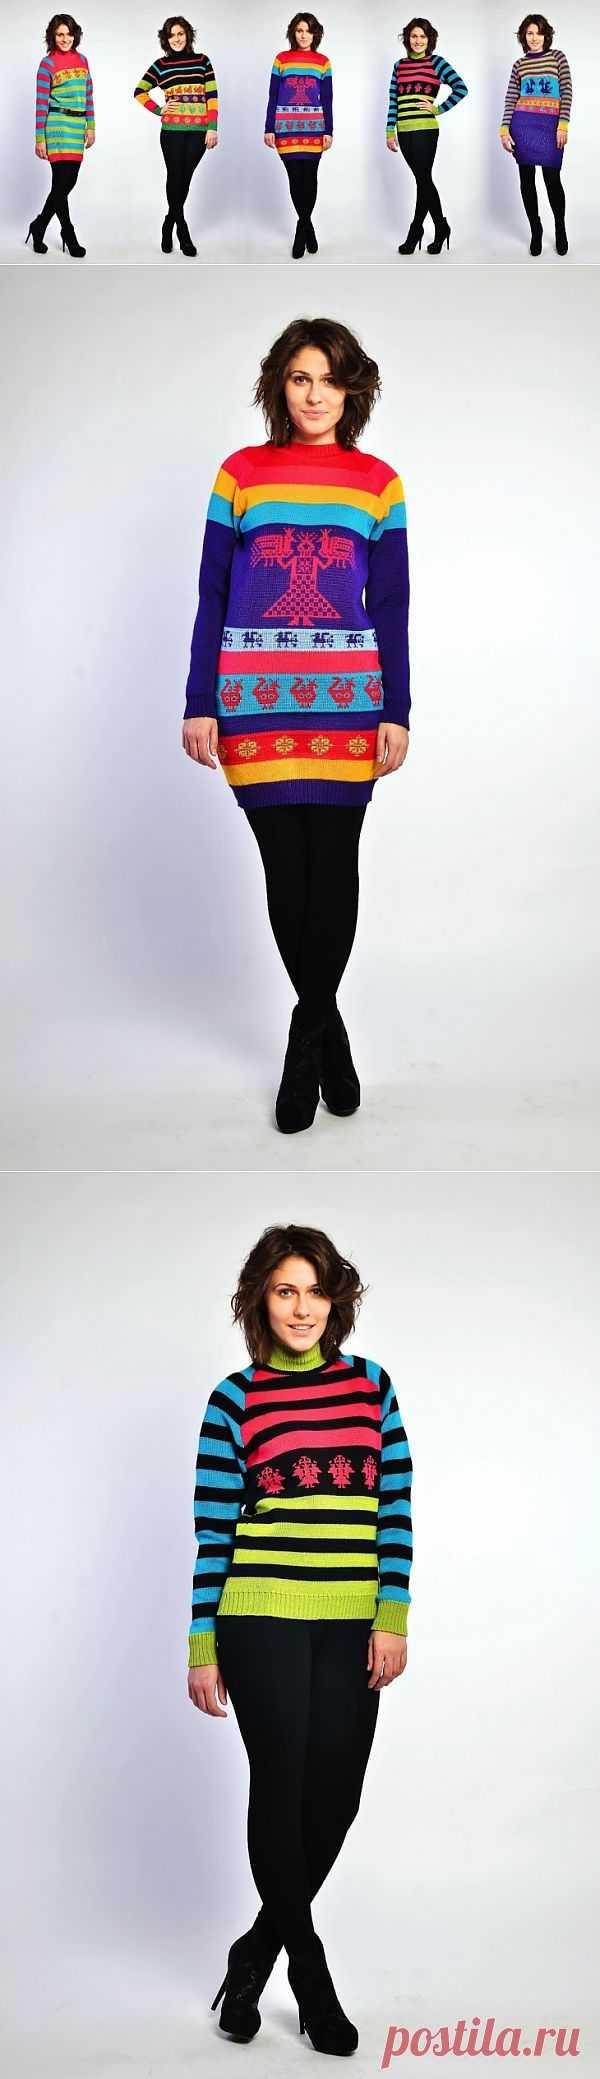 Давайте посмотрим на это по-новому! / Дизайнеры / Модный сайт о стильной переделке одежды и интерьера